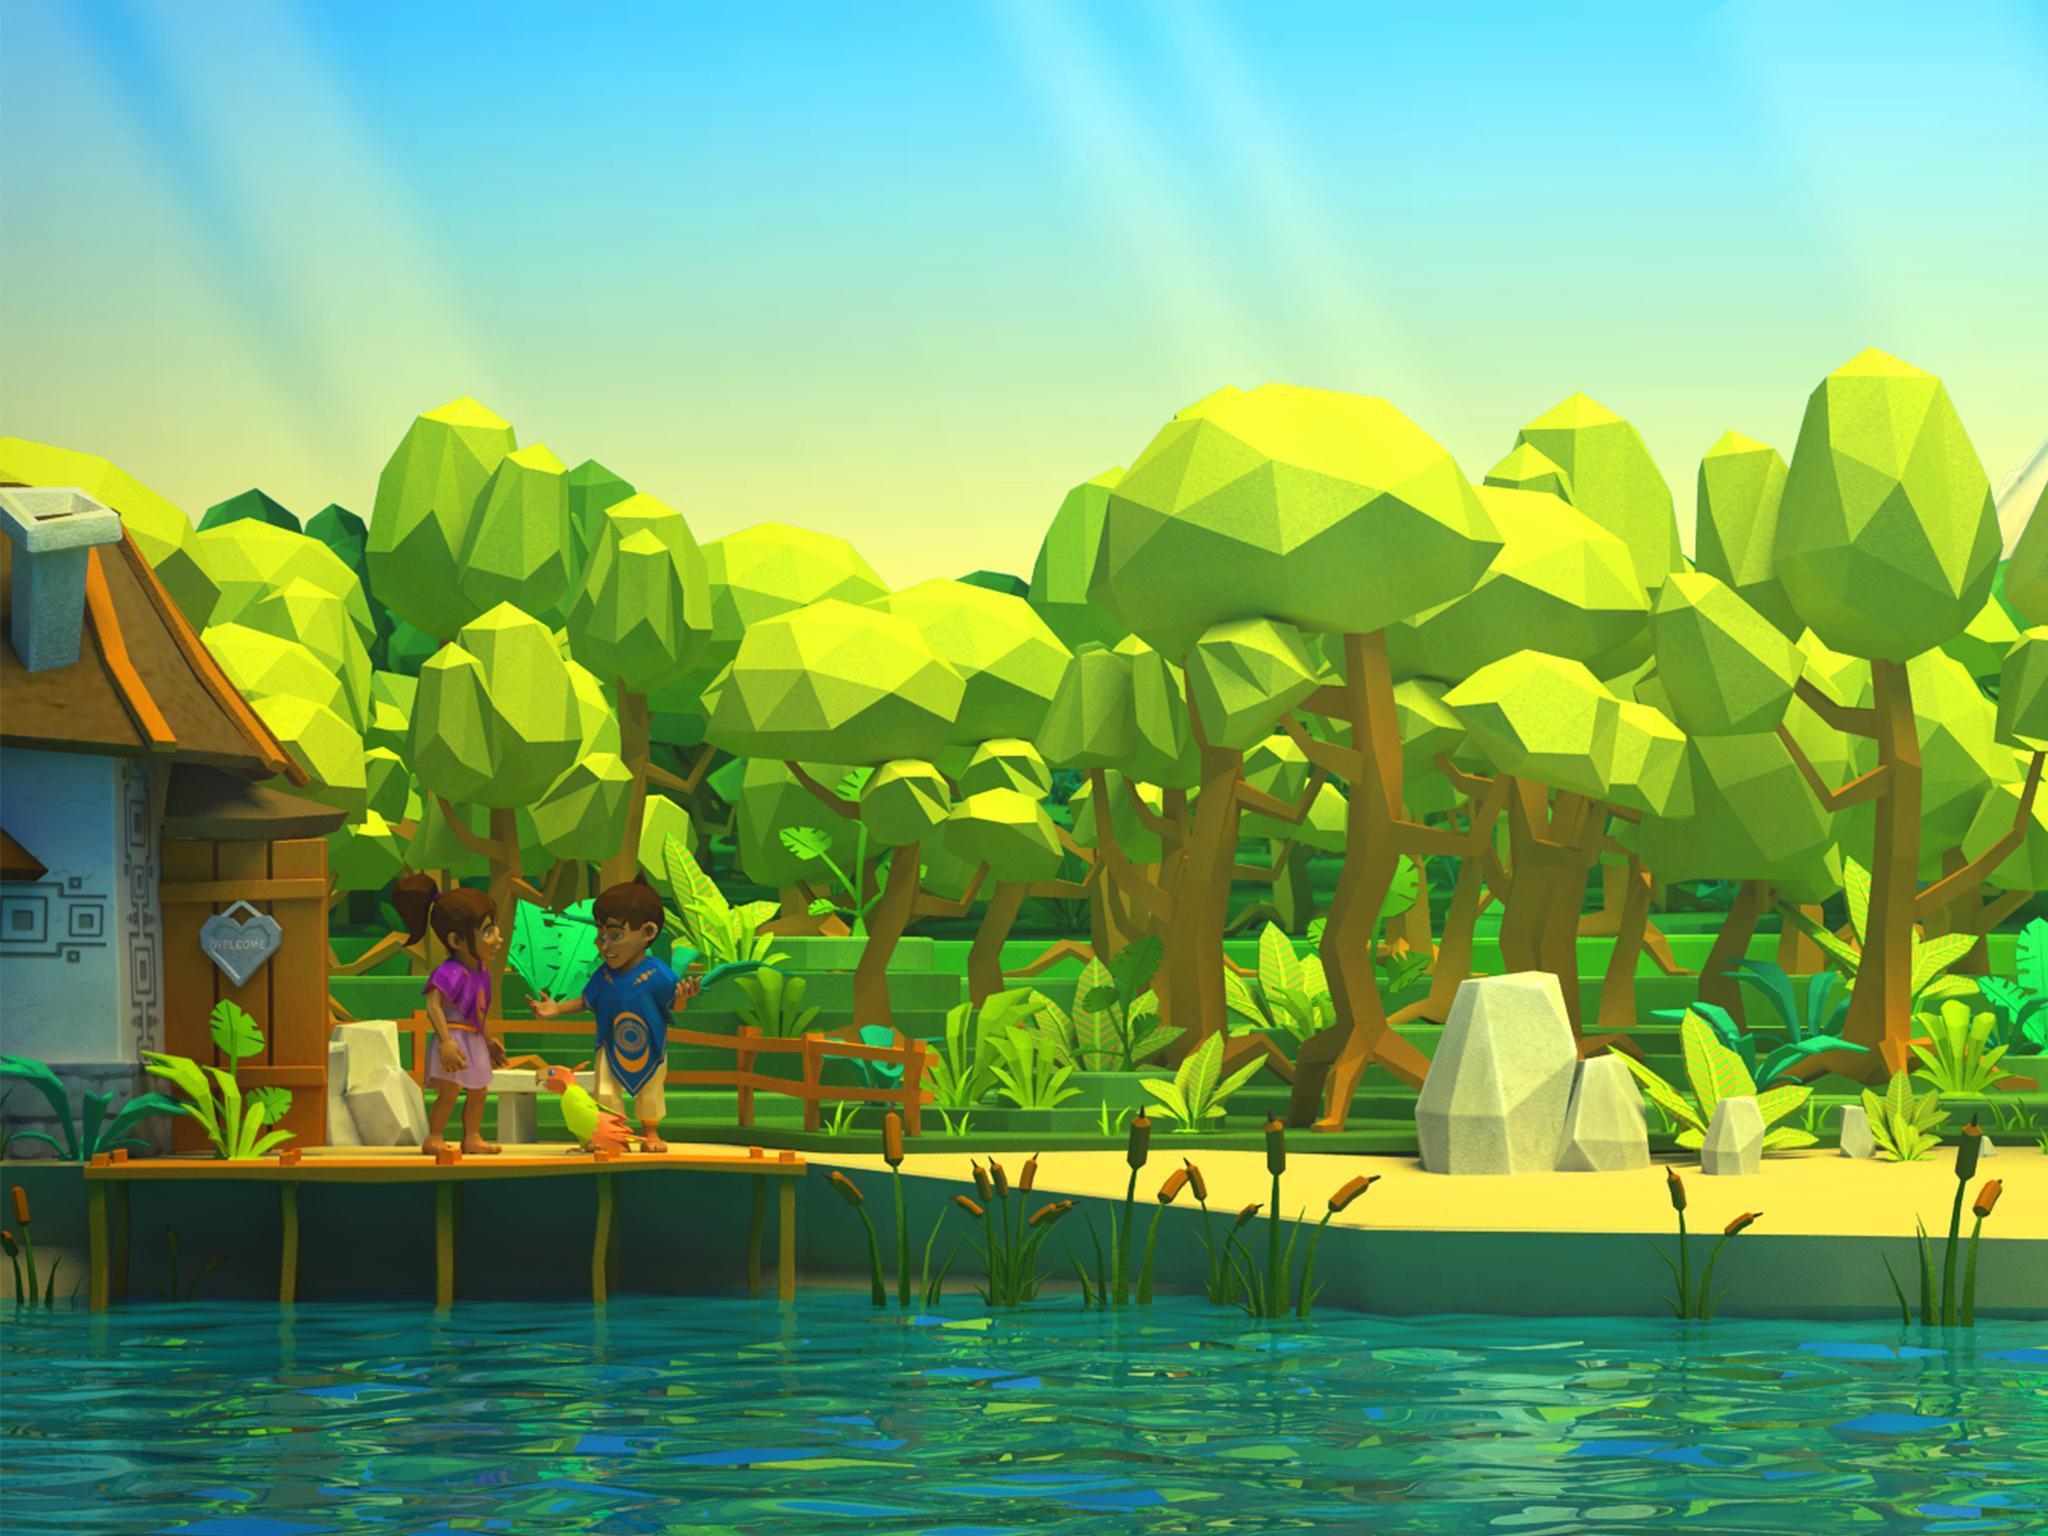 Jeu Maternelle Gratuit : Pokolpok For Android - Apk Download concernant Jeux Gratuit Maternelle